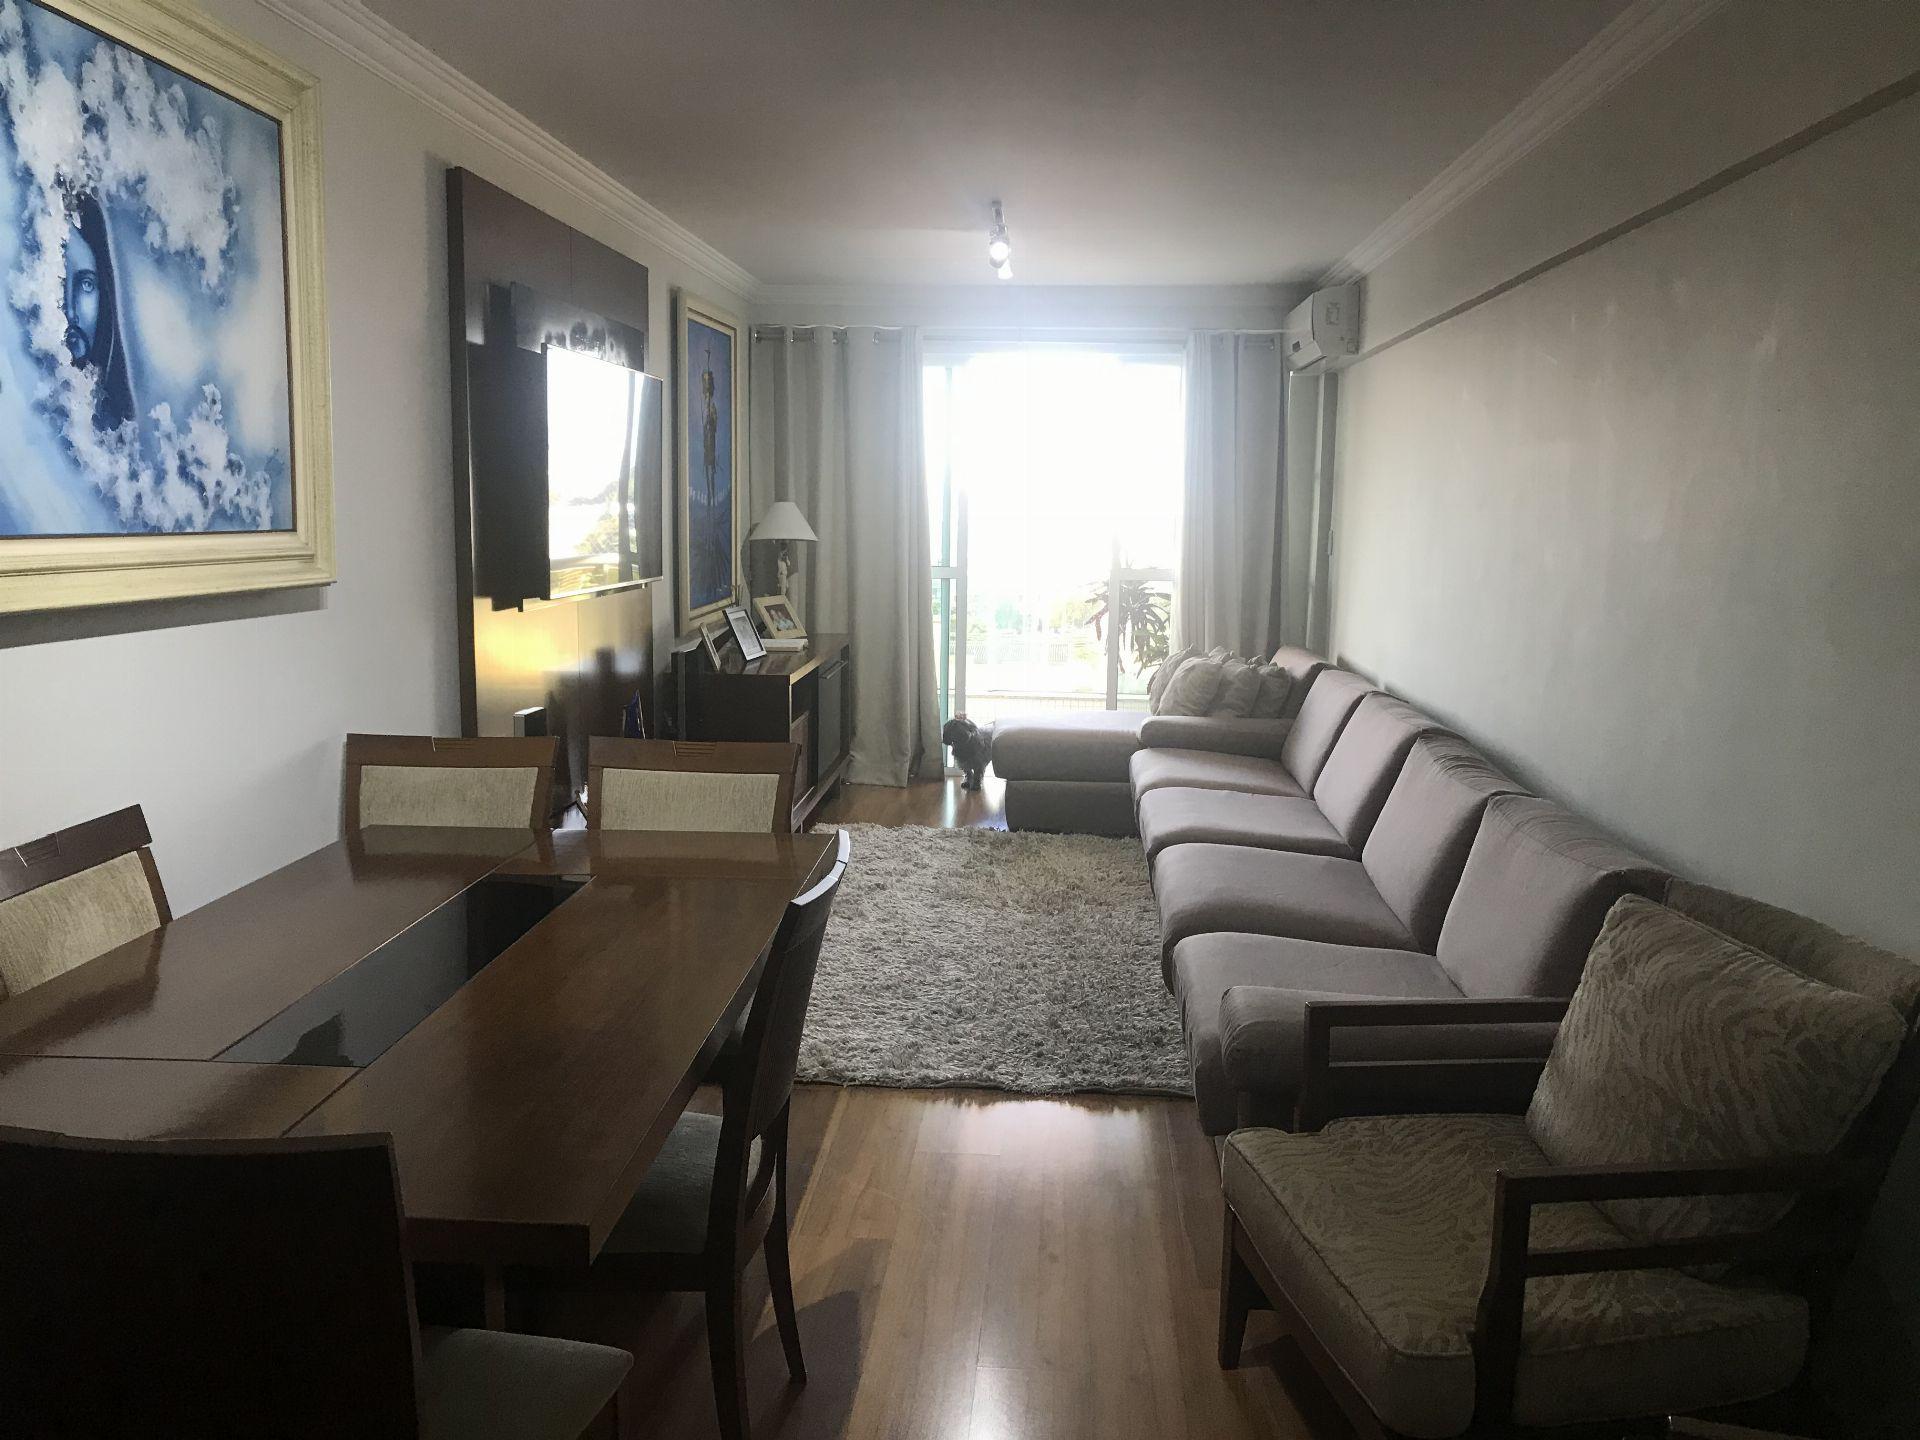 FOTO 3 - Apartamento à venda Rua Rosário Oeste,Vila Valqueire, Rio de Janeiro - R$ 990.000 - RF133 - 4